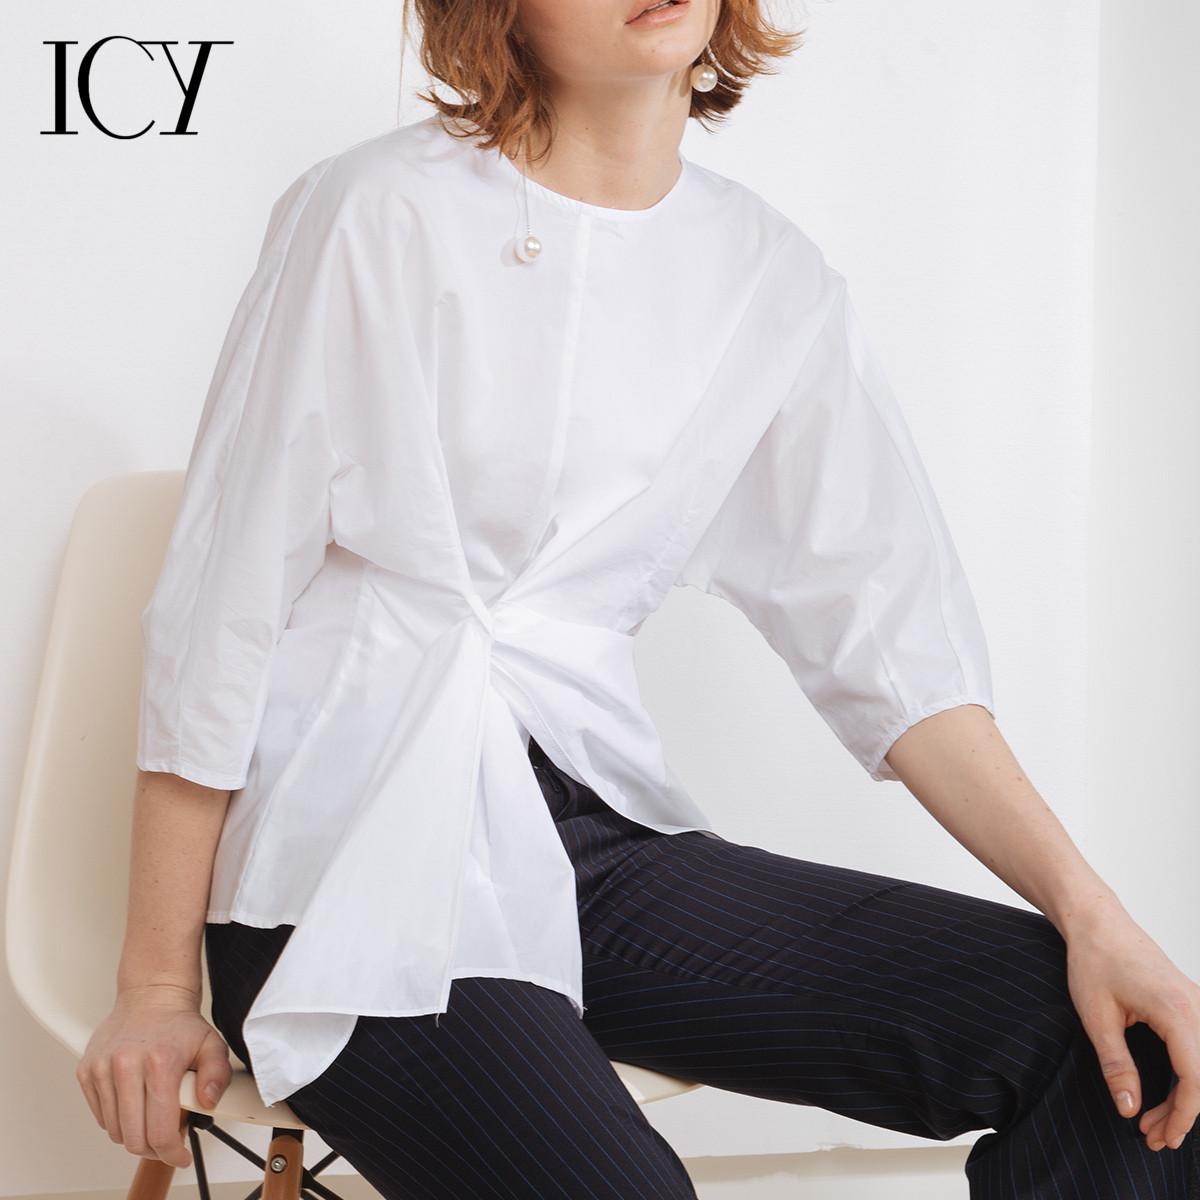 法式衬衫 icy不规则衬衣女夏格子衬衫2017夏季新款 多种穿法休闲圆领上衣_推荐淘宝好看的女法 衬衫